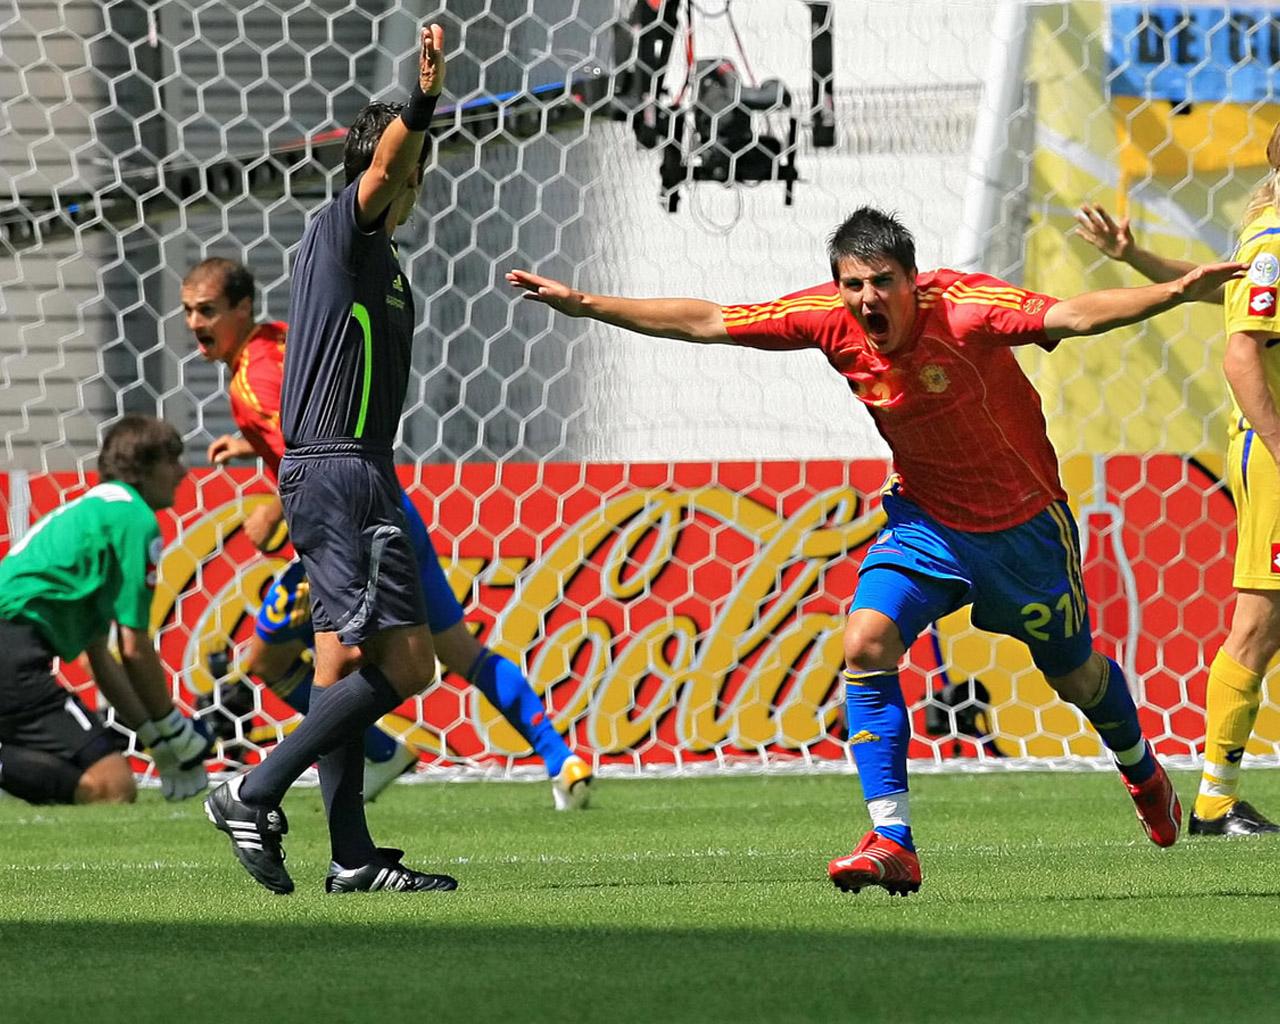 2006 world cup twins brighteyes69r 5